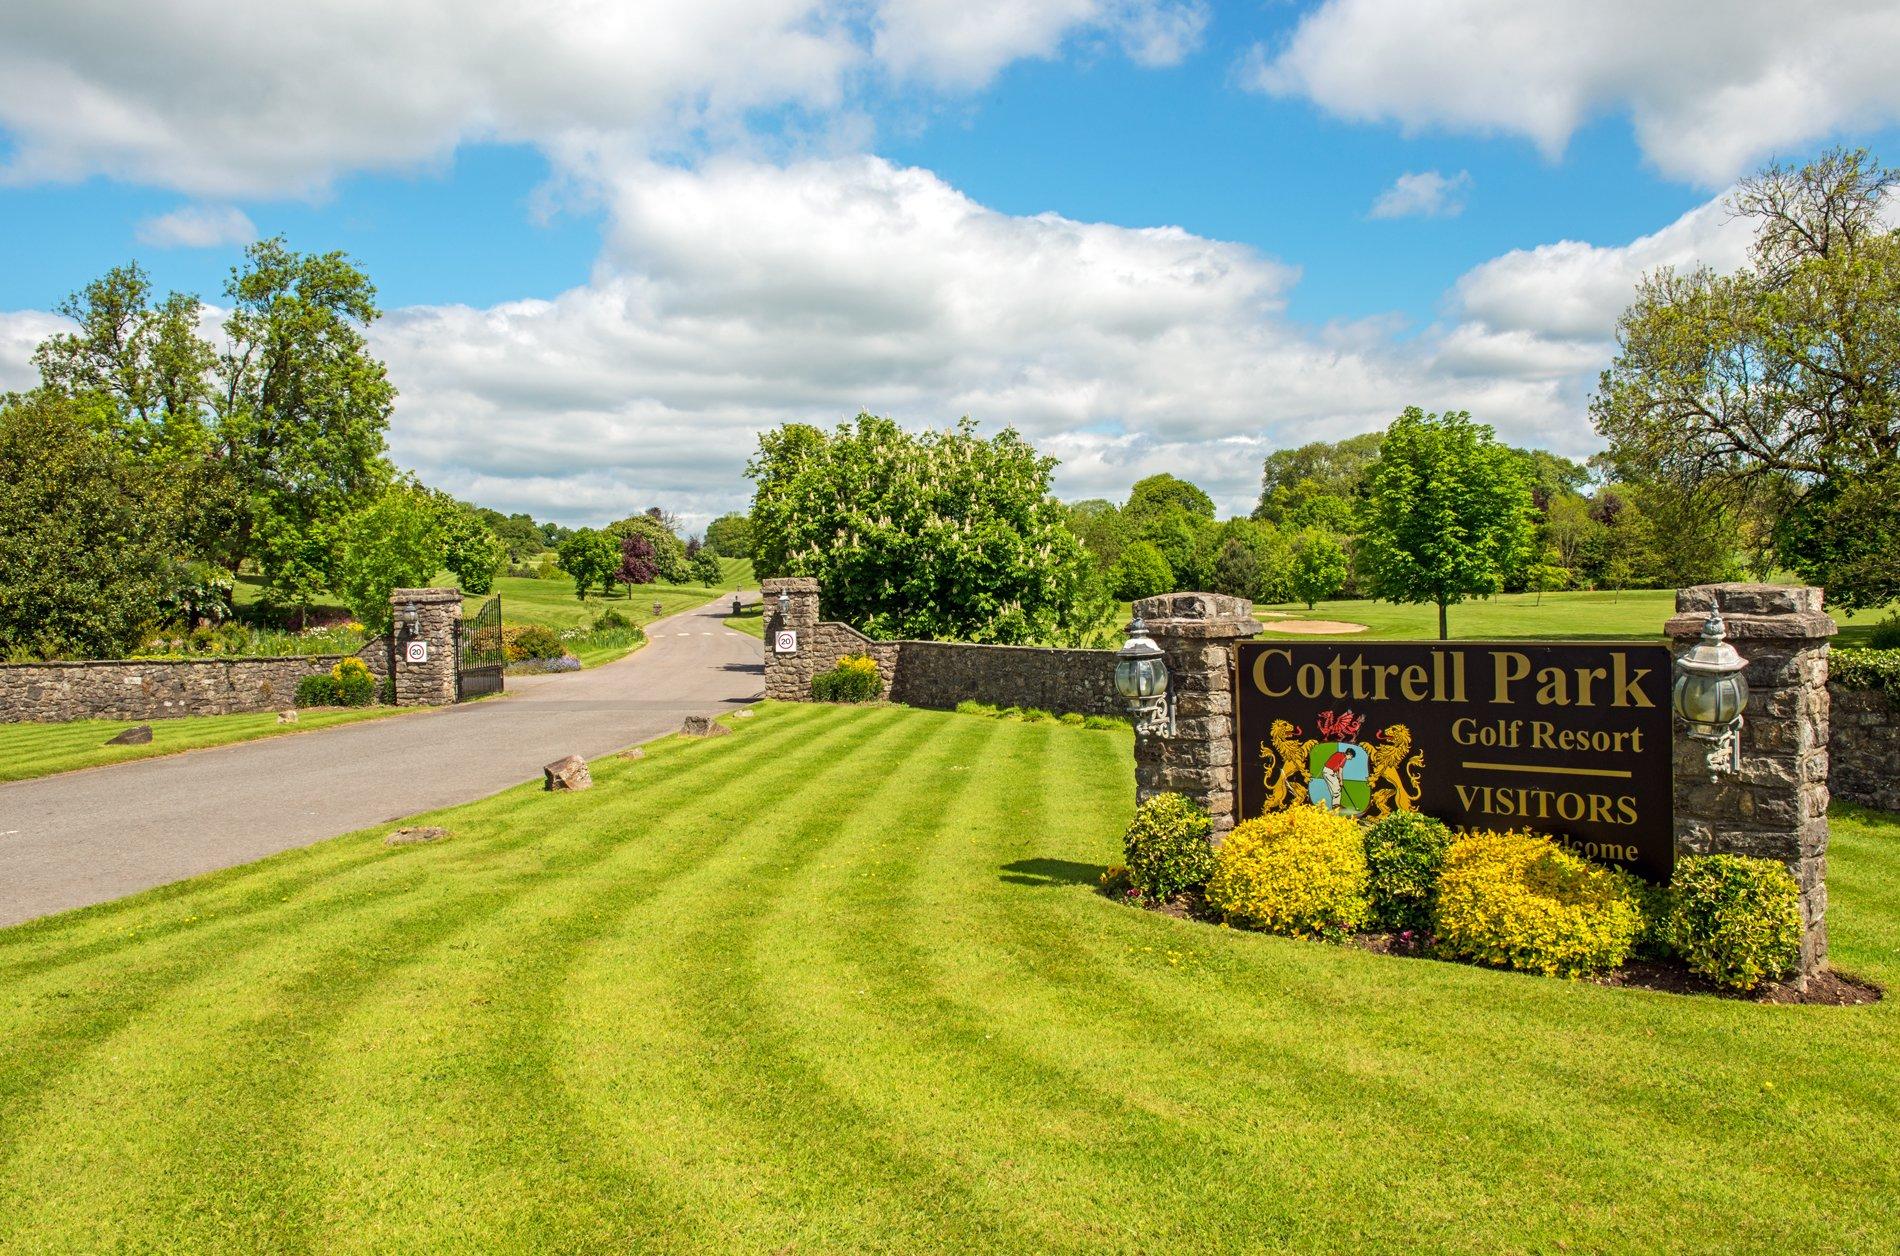 Cottrell Park Entrance